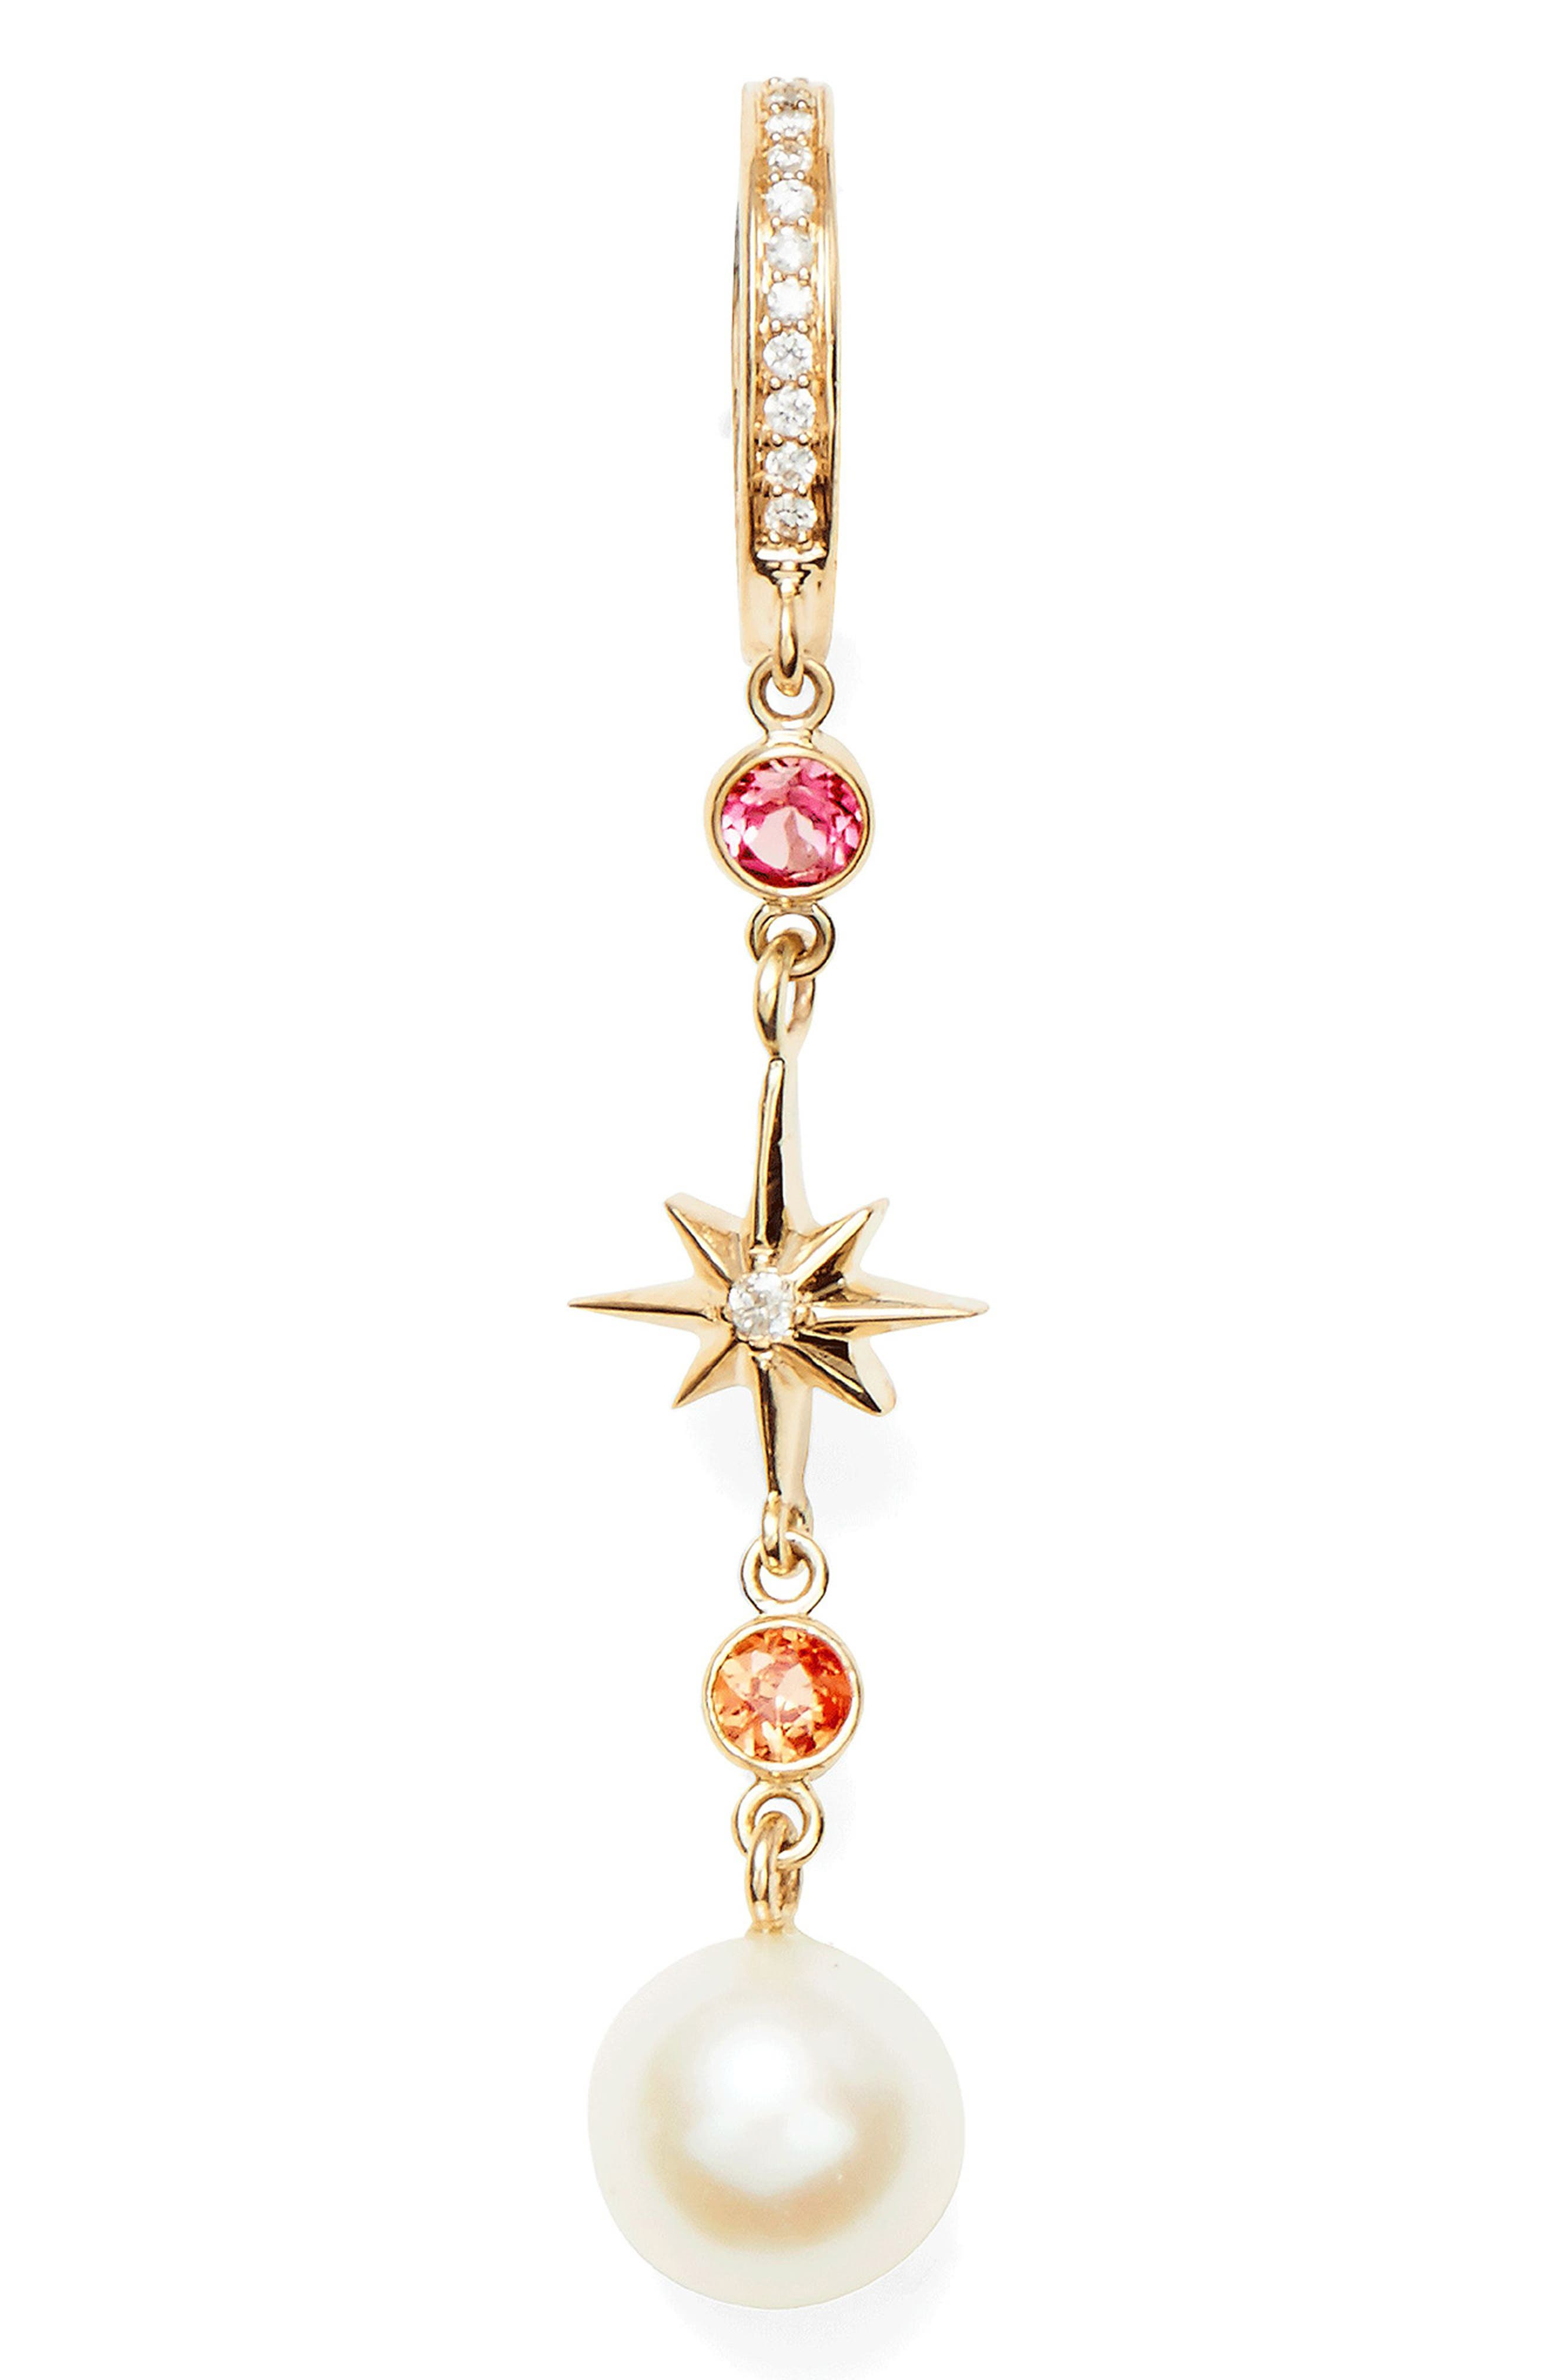 MARLO LAZ Elixir Single Linear Pearl, Diamond & Stone Drop Earring in Yellow Gold